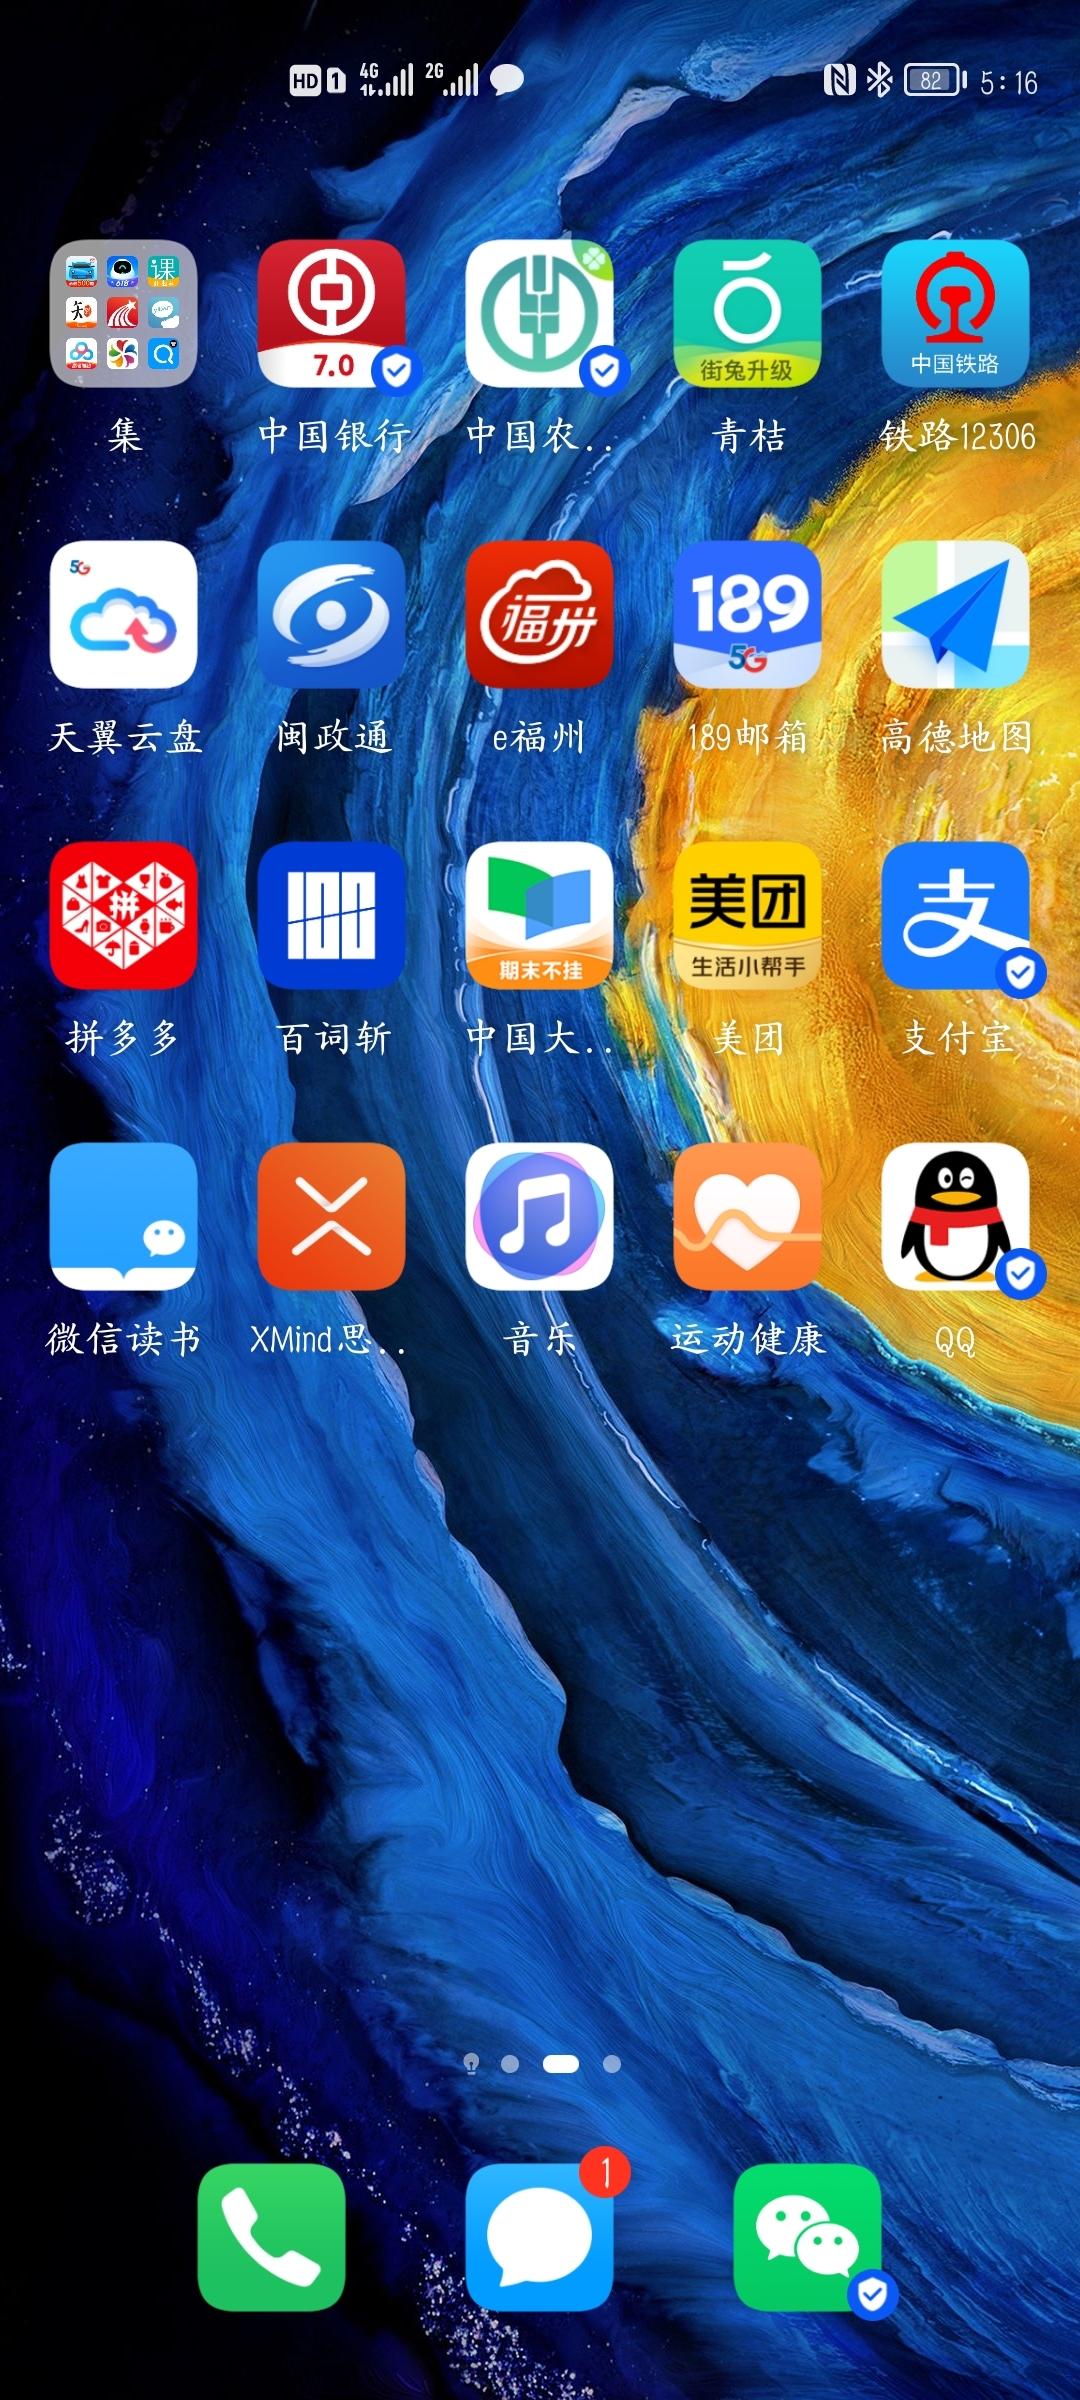 Screenshot_20210719_171602_com.huawei.android.launcher.jpg